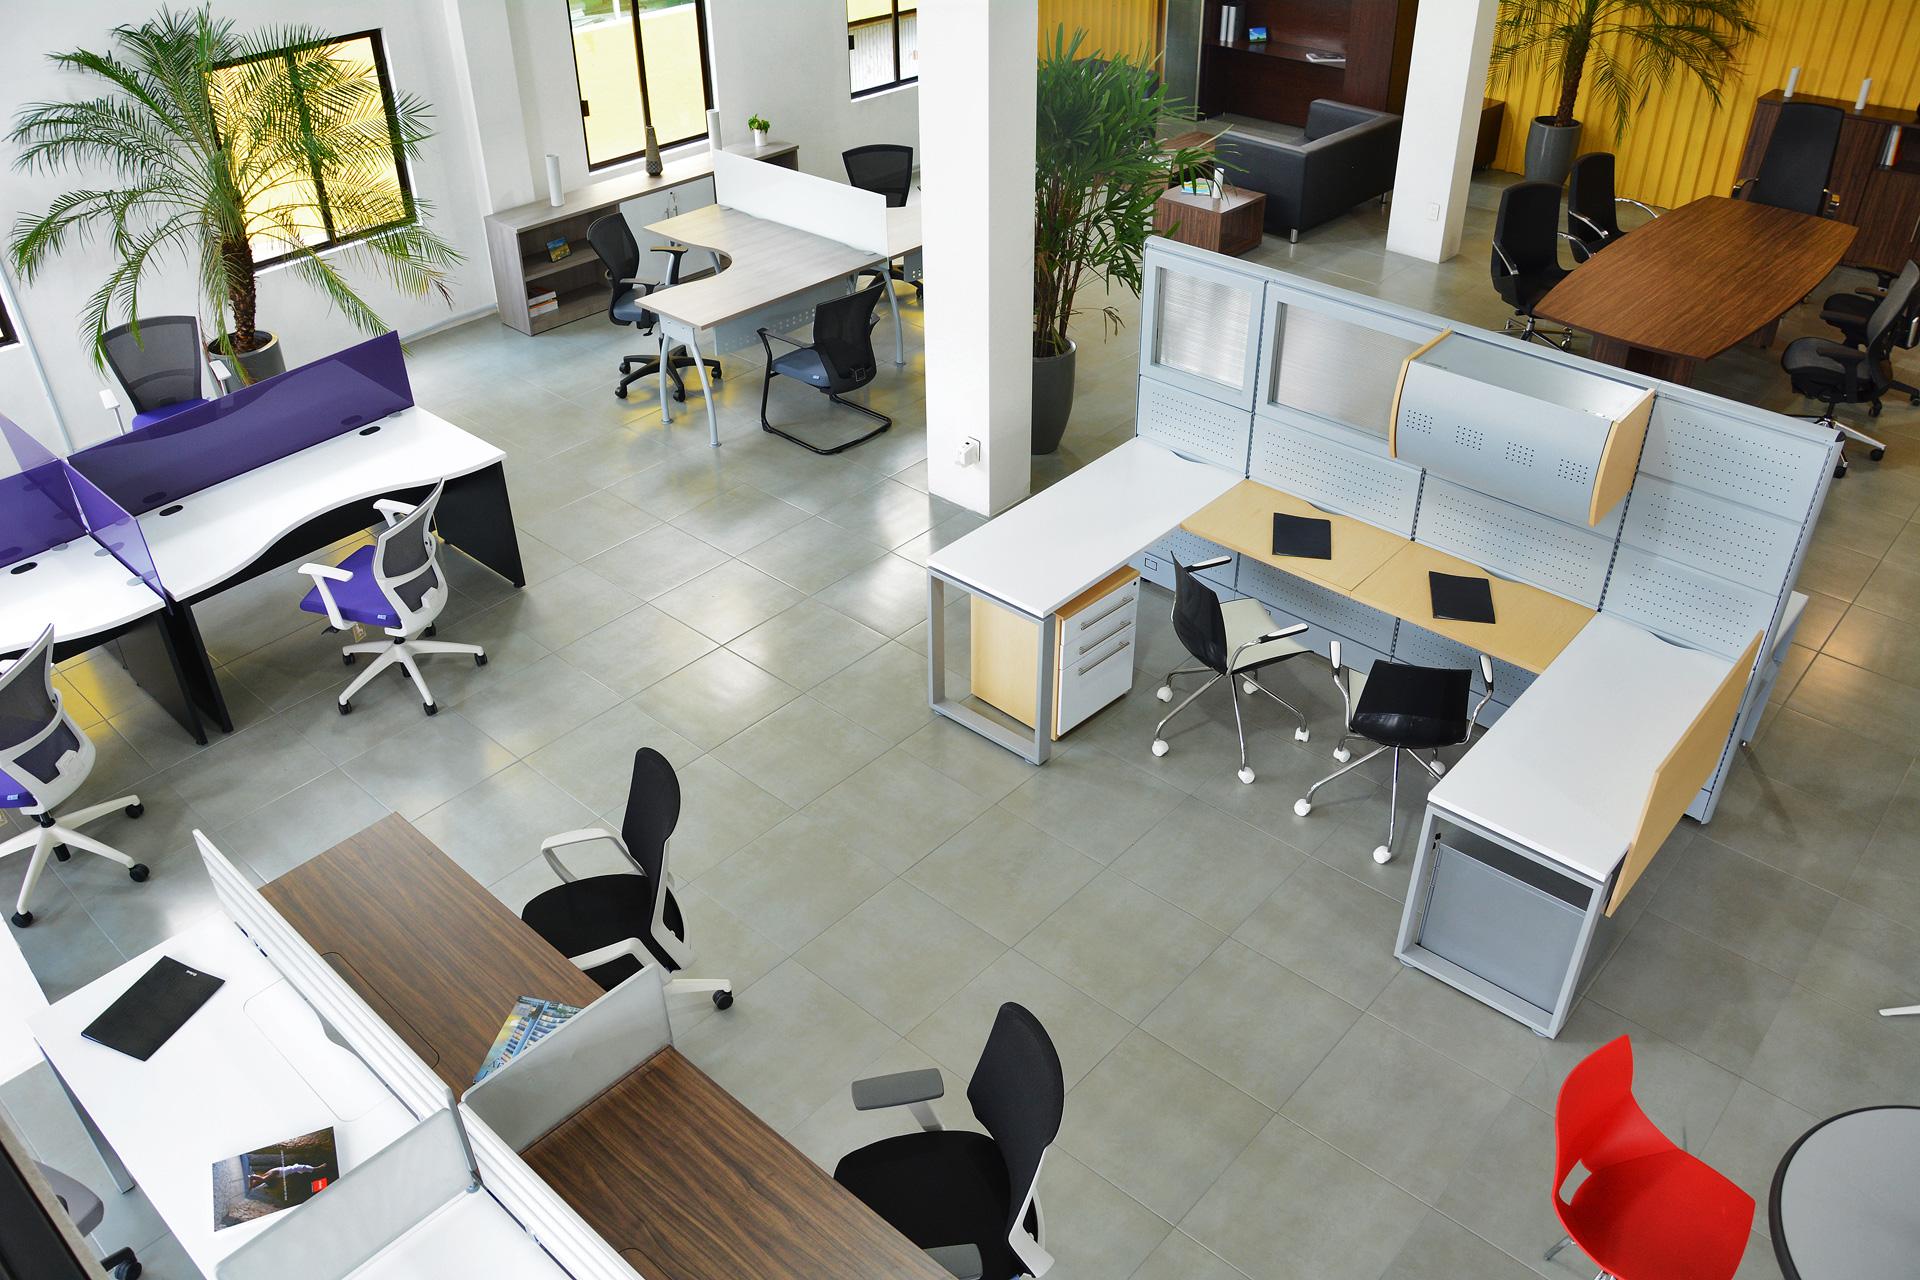 Muebles Para Oficina Queretaro 11 Muebles Para Oficina En M Xico # Muebles Queretaro